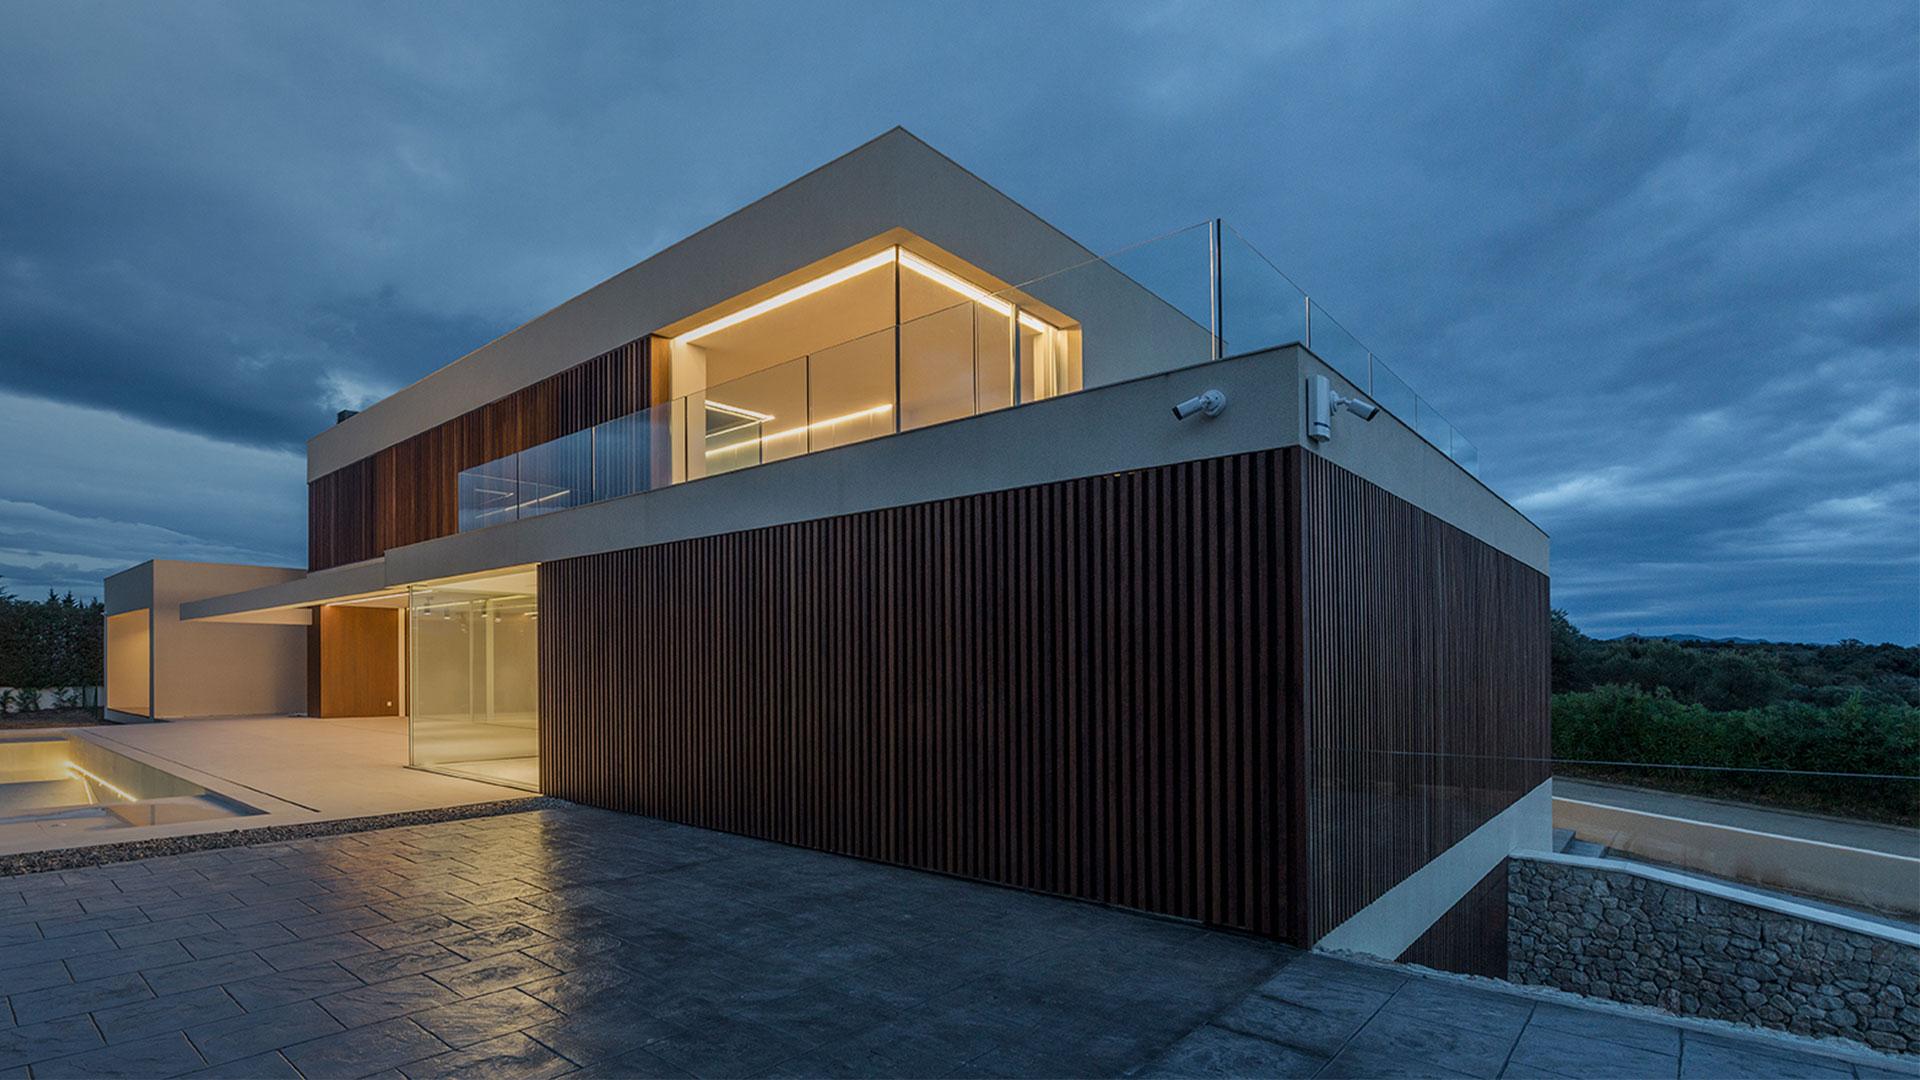 ENE Construcción constructora en España, Villa en Peralada, Girona, arquitecto Circulo Azul